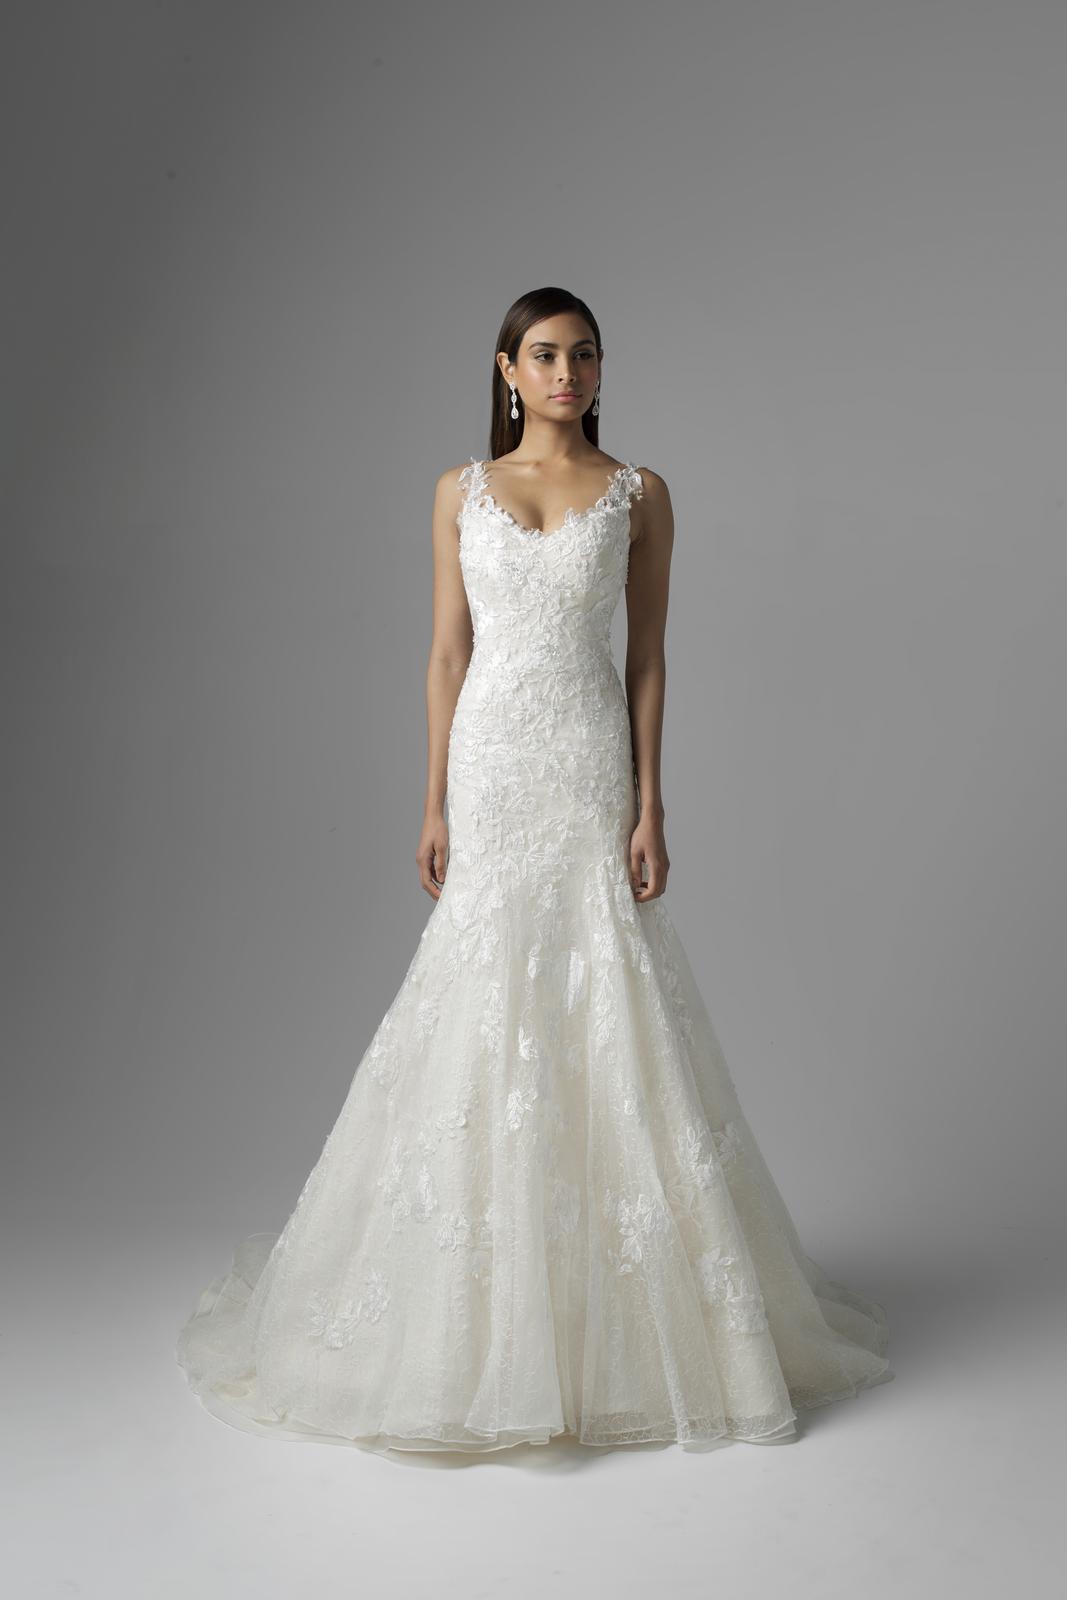 Svatební šaty Mia Solano M1601Z - Obrázek č. 1